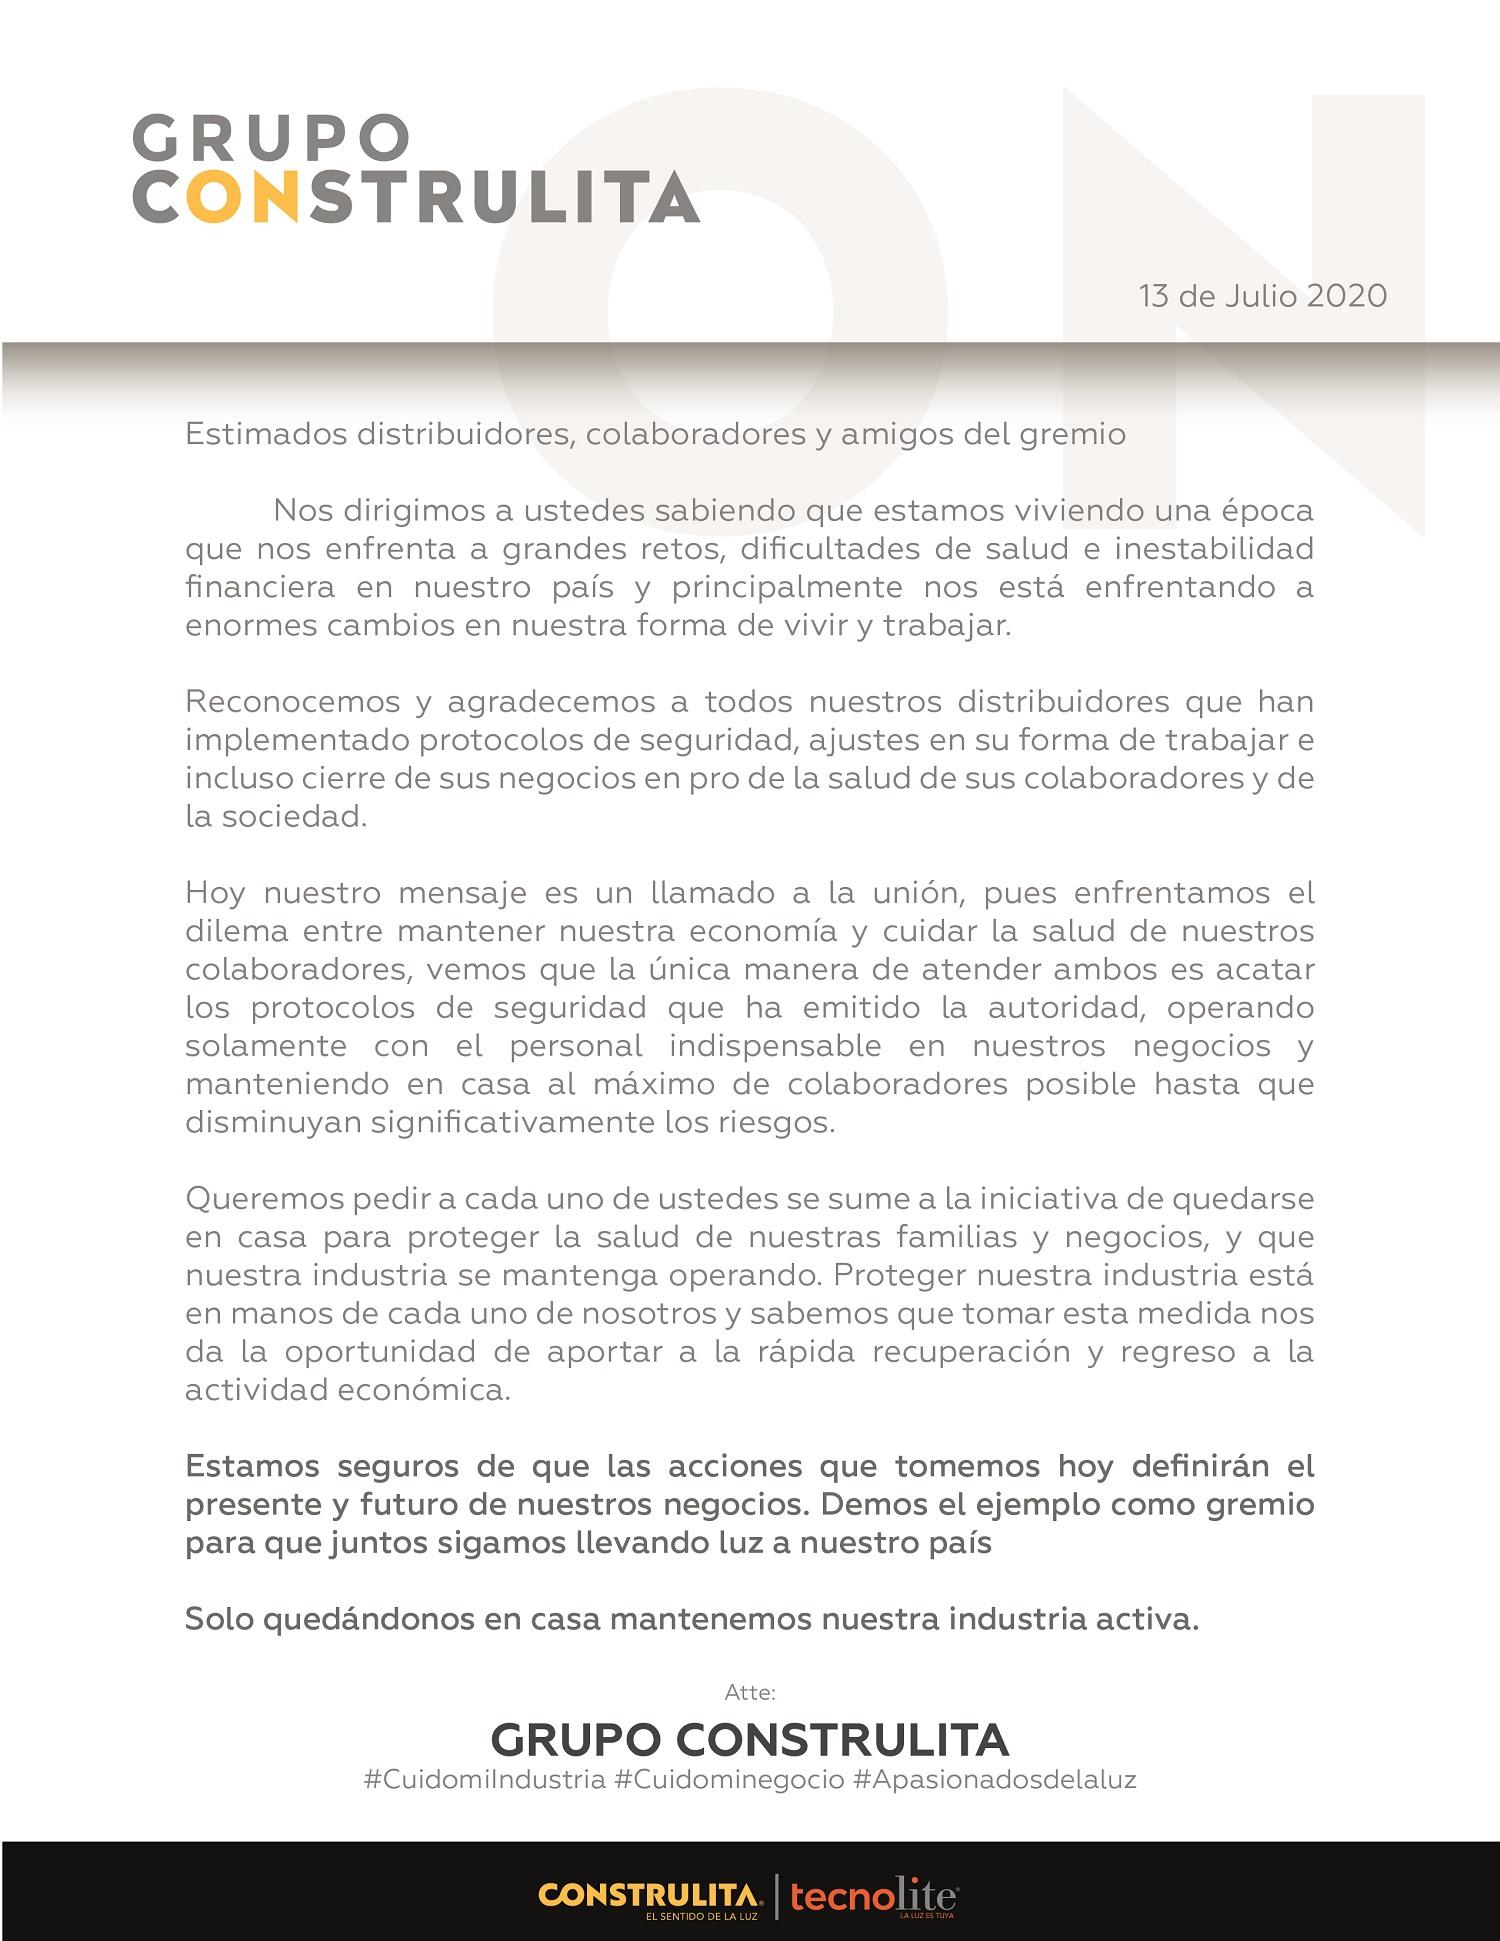 CGC-QuedarteEnCasaMantieneNuestraIndustriaActiva-01